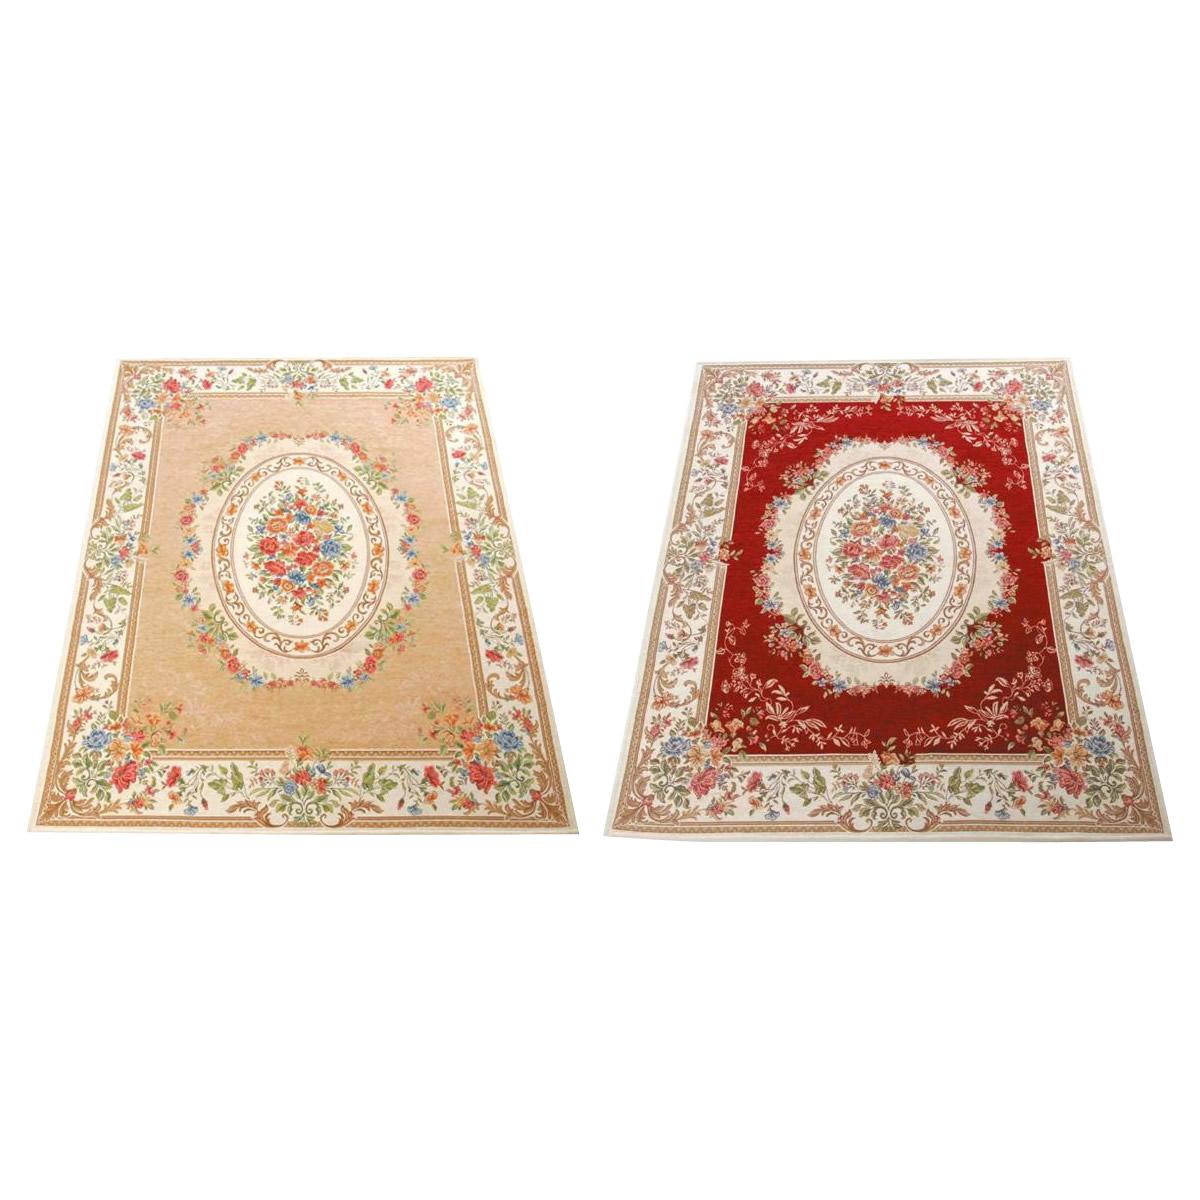 【送料無料】ゴブラン織 シェニールカーペット 3畳用(約200×250cm) レッド・YAN13825RE【代引不可】